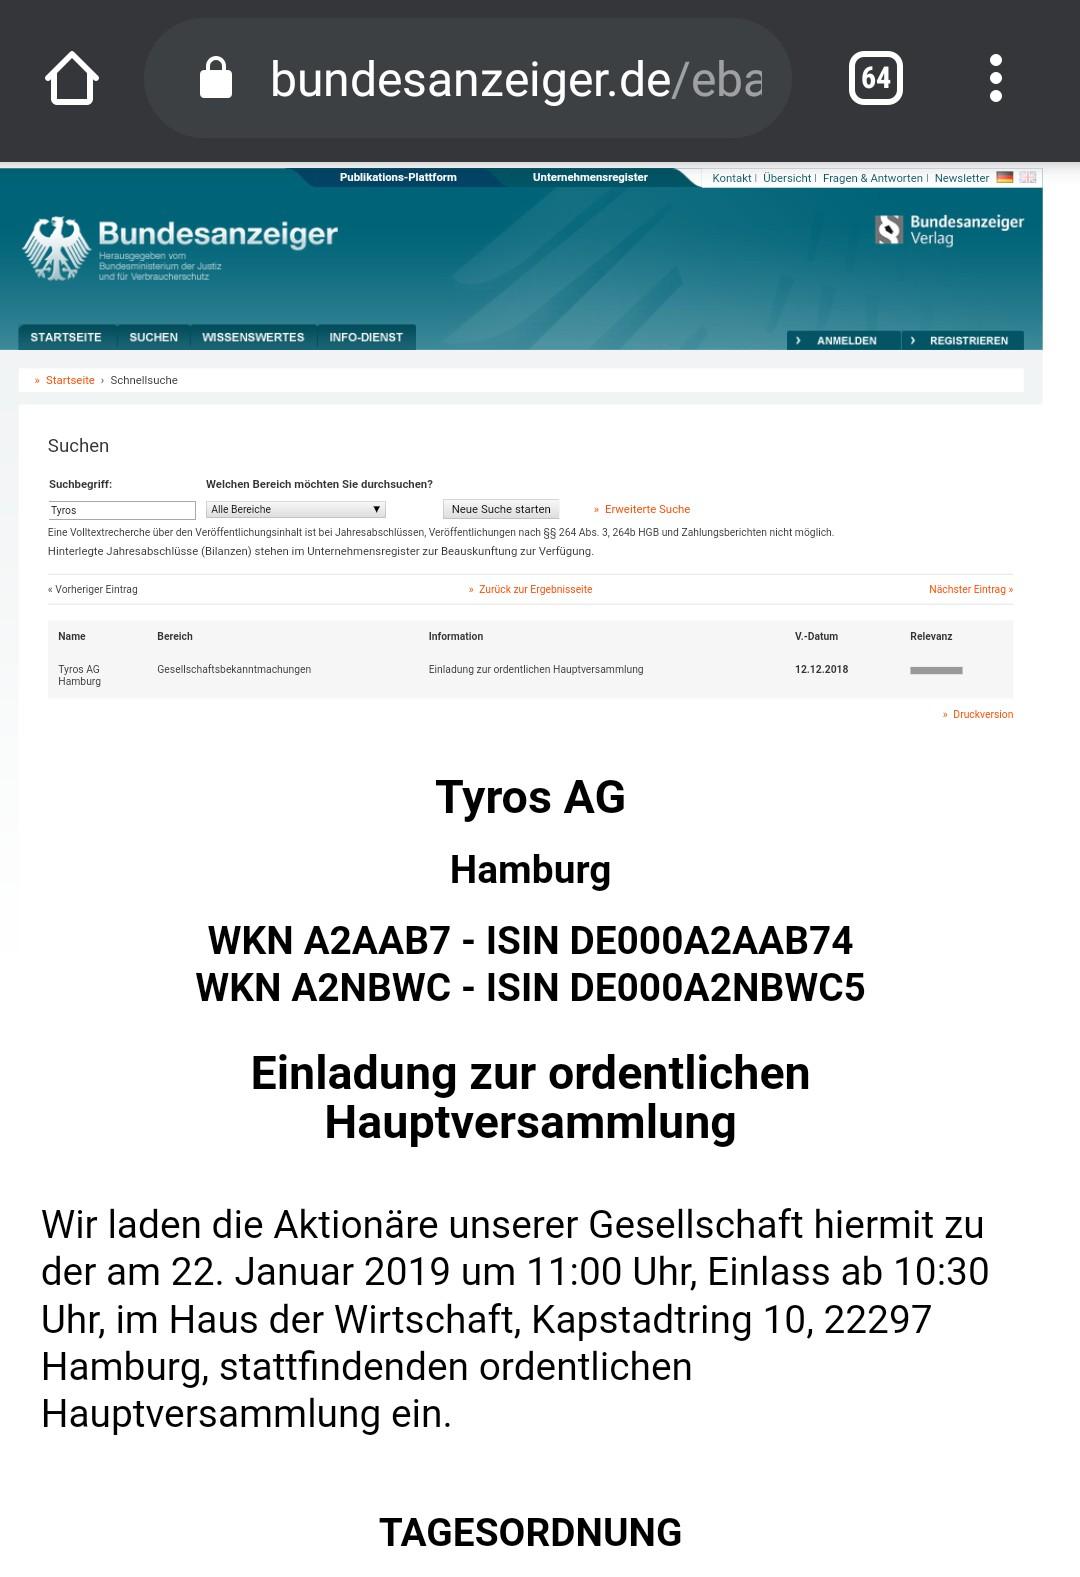 screenshot_20191007_170037.jpg